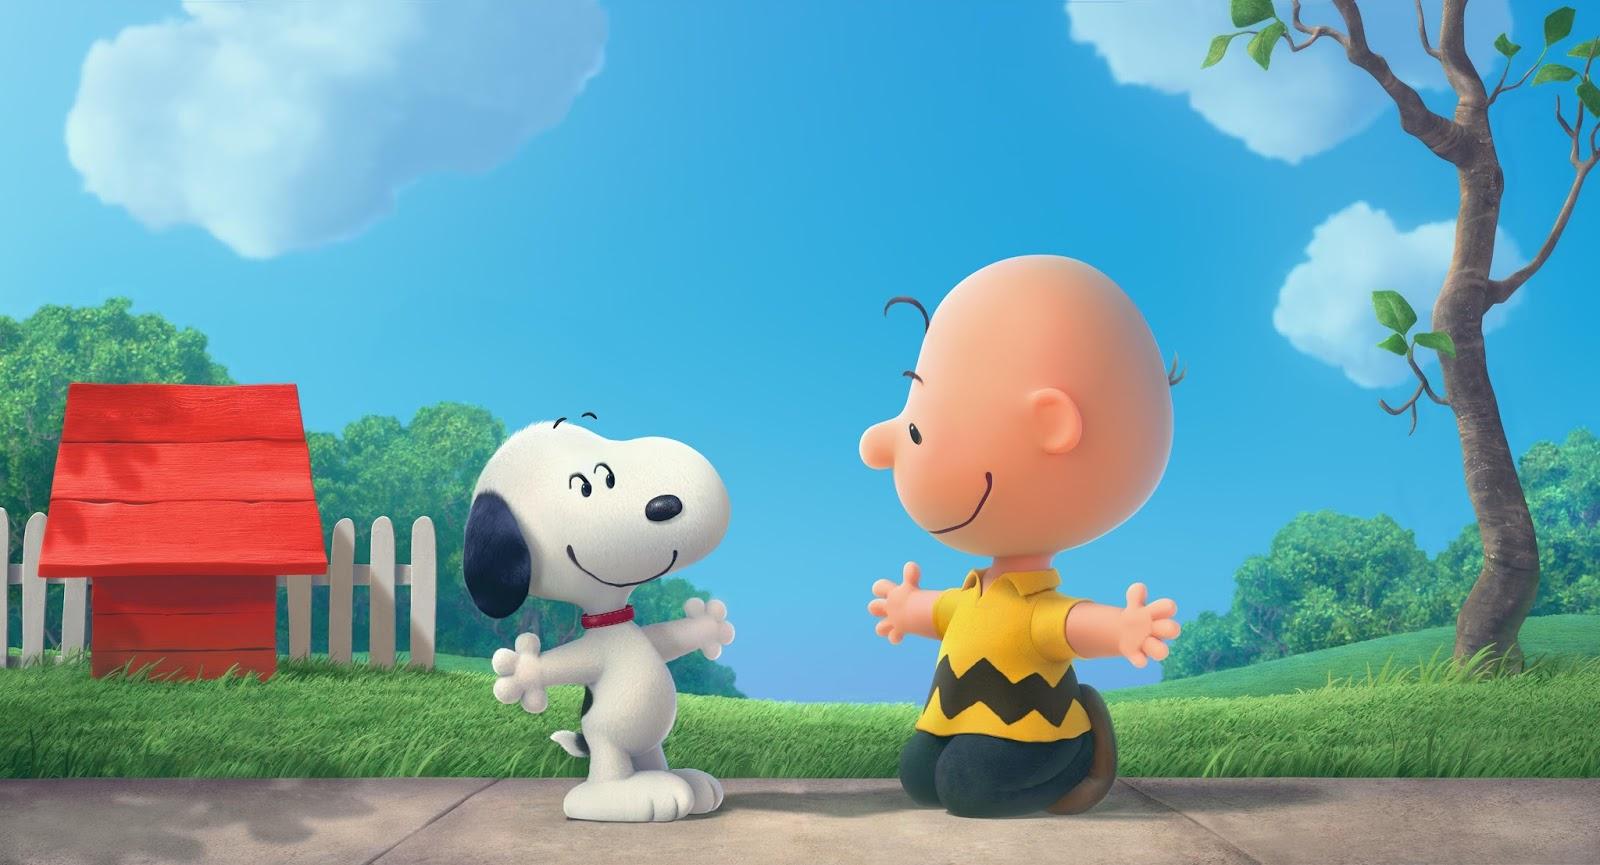 Snoopy friends il film dei peanuts il final trailer e - Sky ti porta al cinema ...